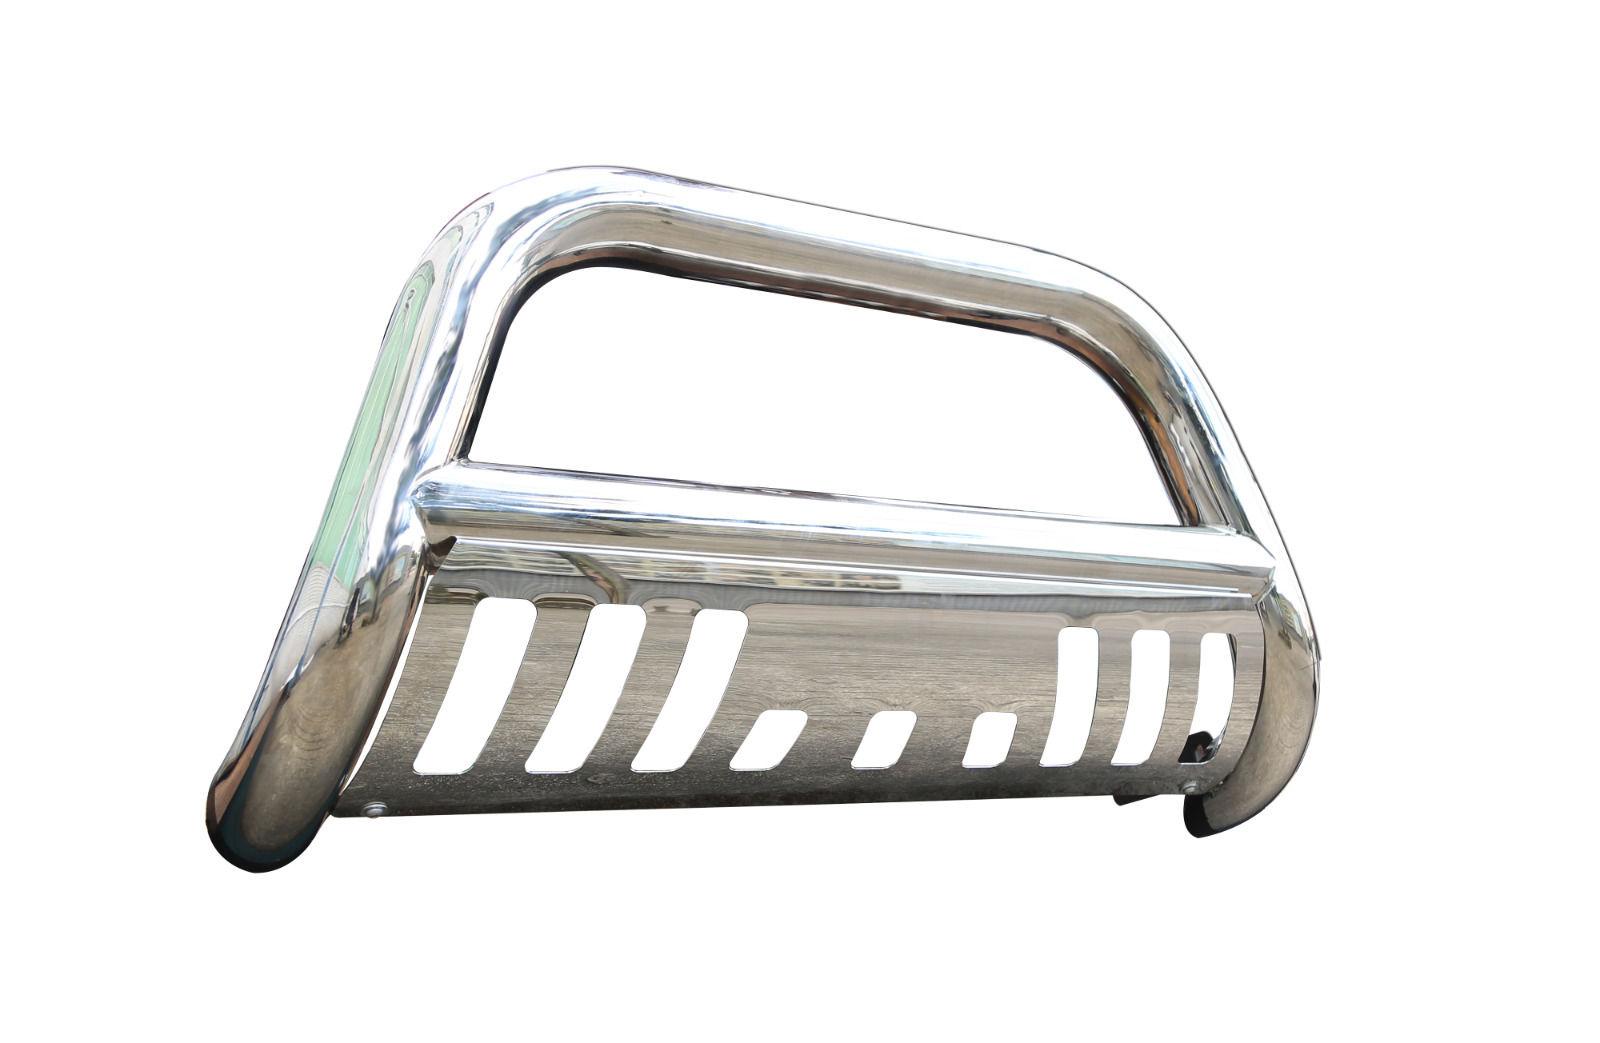 グリル 2002-2005ダッジラム1500 SSブルバーグリルガードフロントバンパー/スキッドプレート用 For 2002-2005 Dodge Ram 1500 SS Bull Bar Grill Guard Front Bumper w/skid Plate